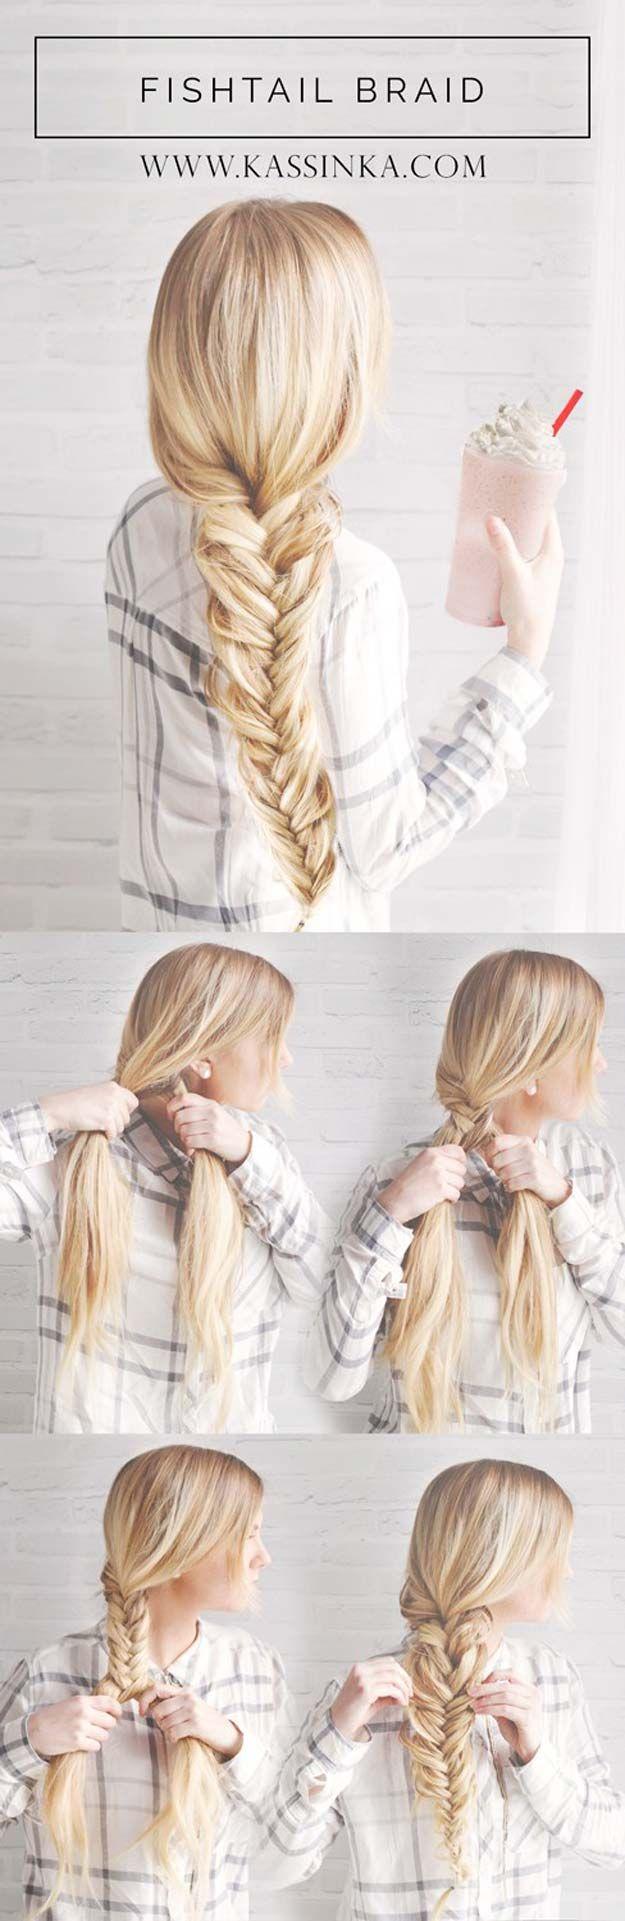 40 of the Best Cute Hair Braiding Tutorials | Hair braiding tutorial ...